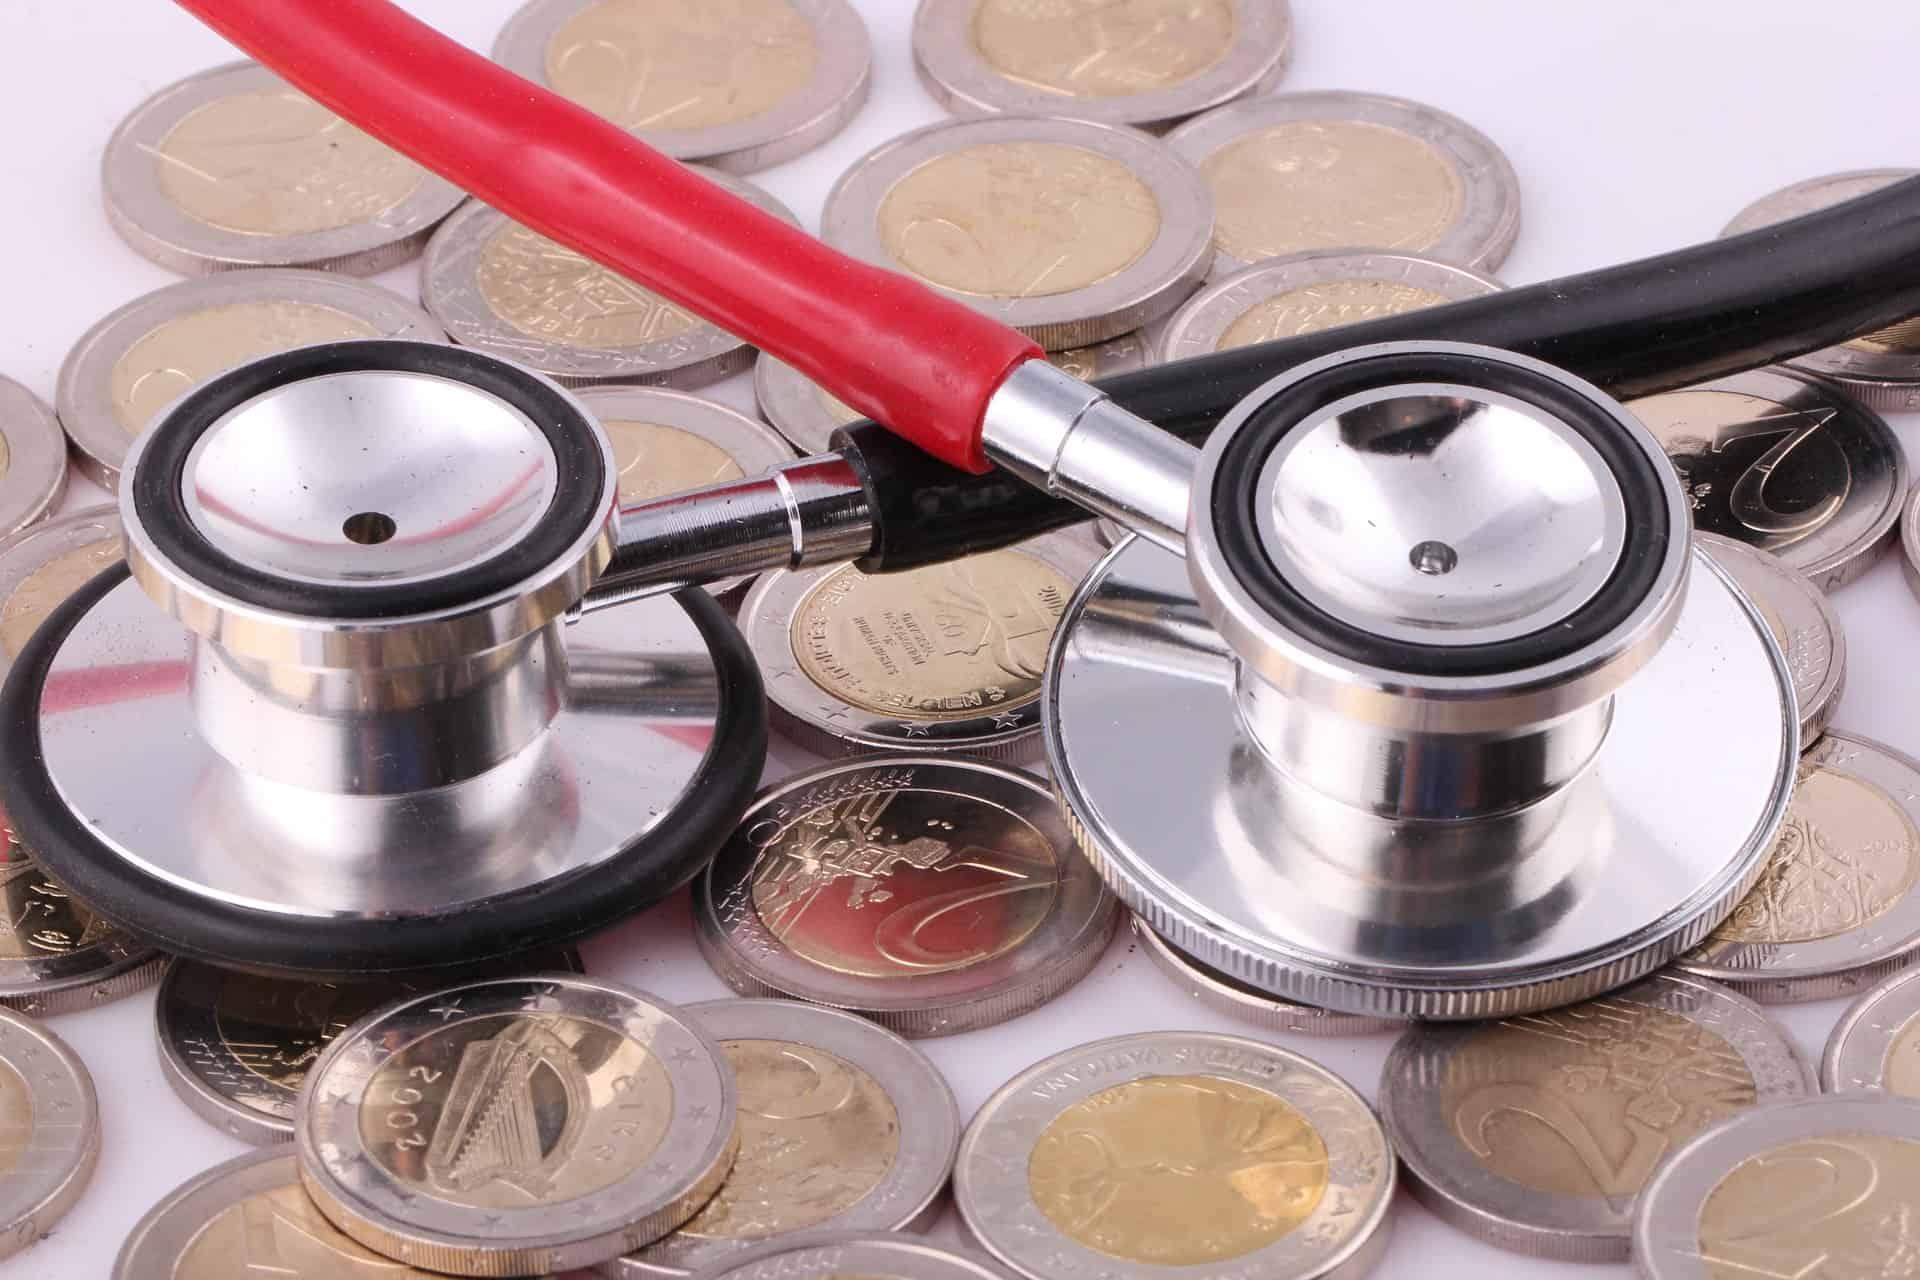 Medical Aid liability